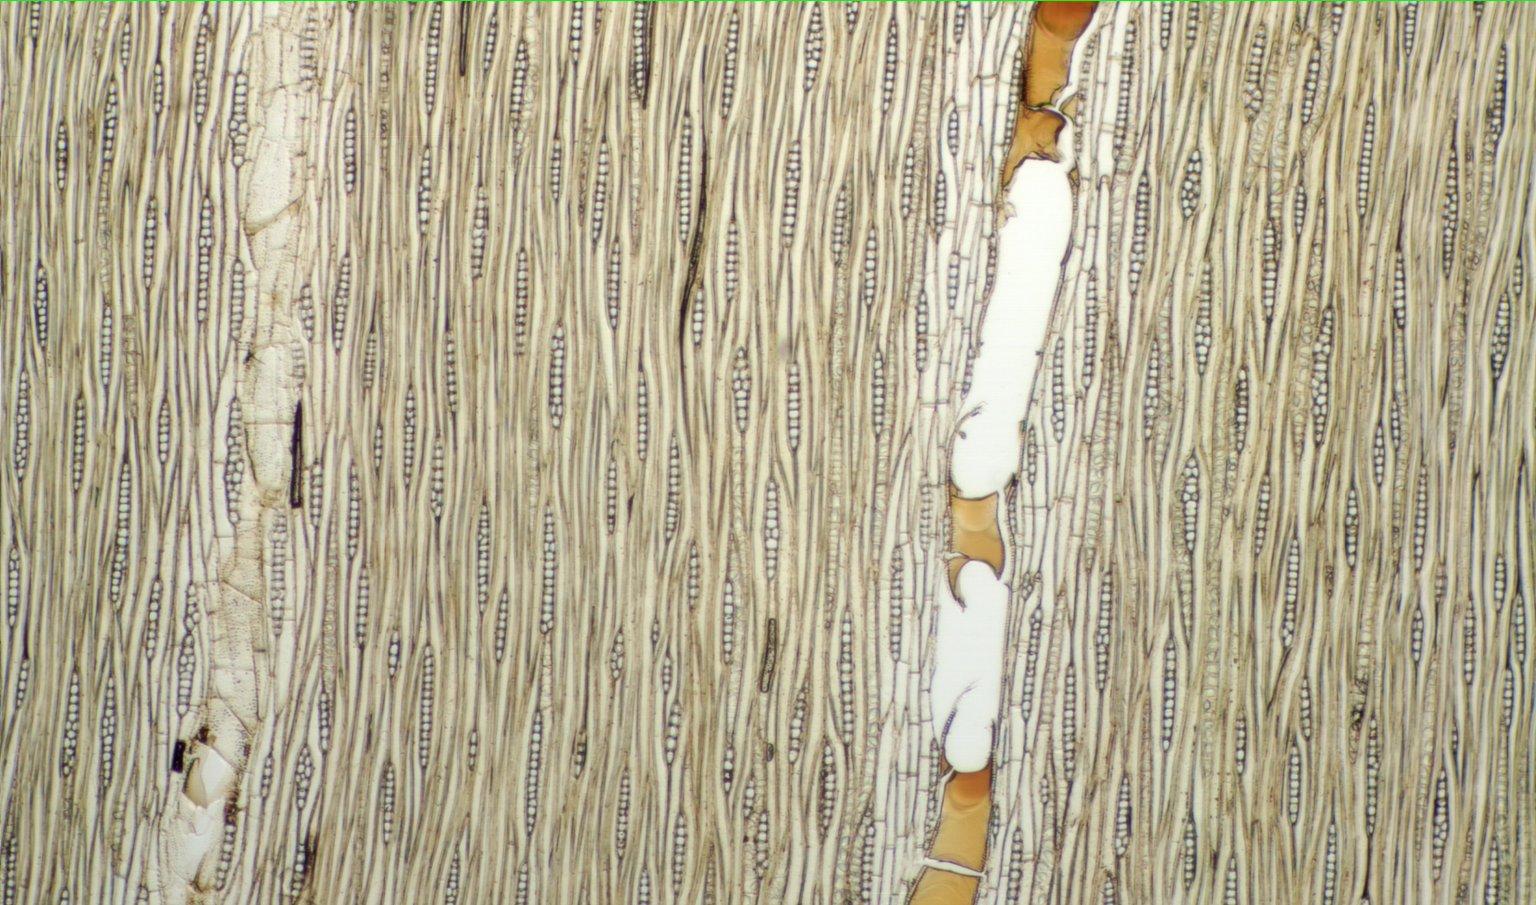 LEGUMINOSAE CAESALPINIOIDEAE Mimosoid Clade Lysiloma latisiliquum